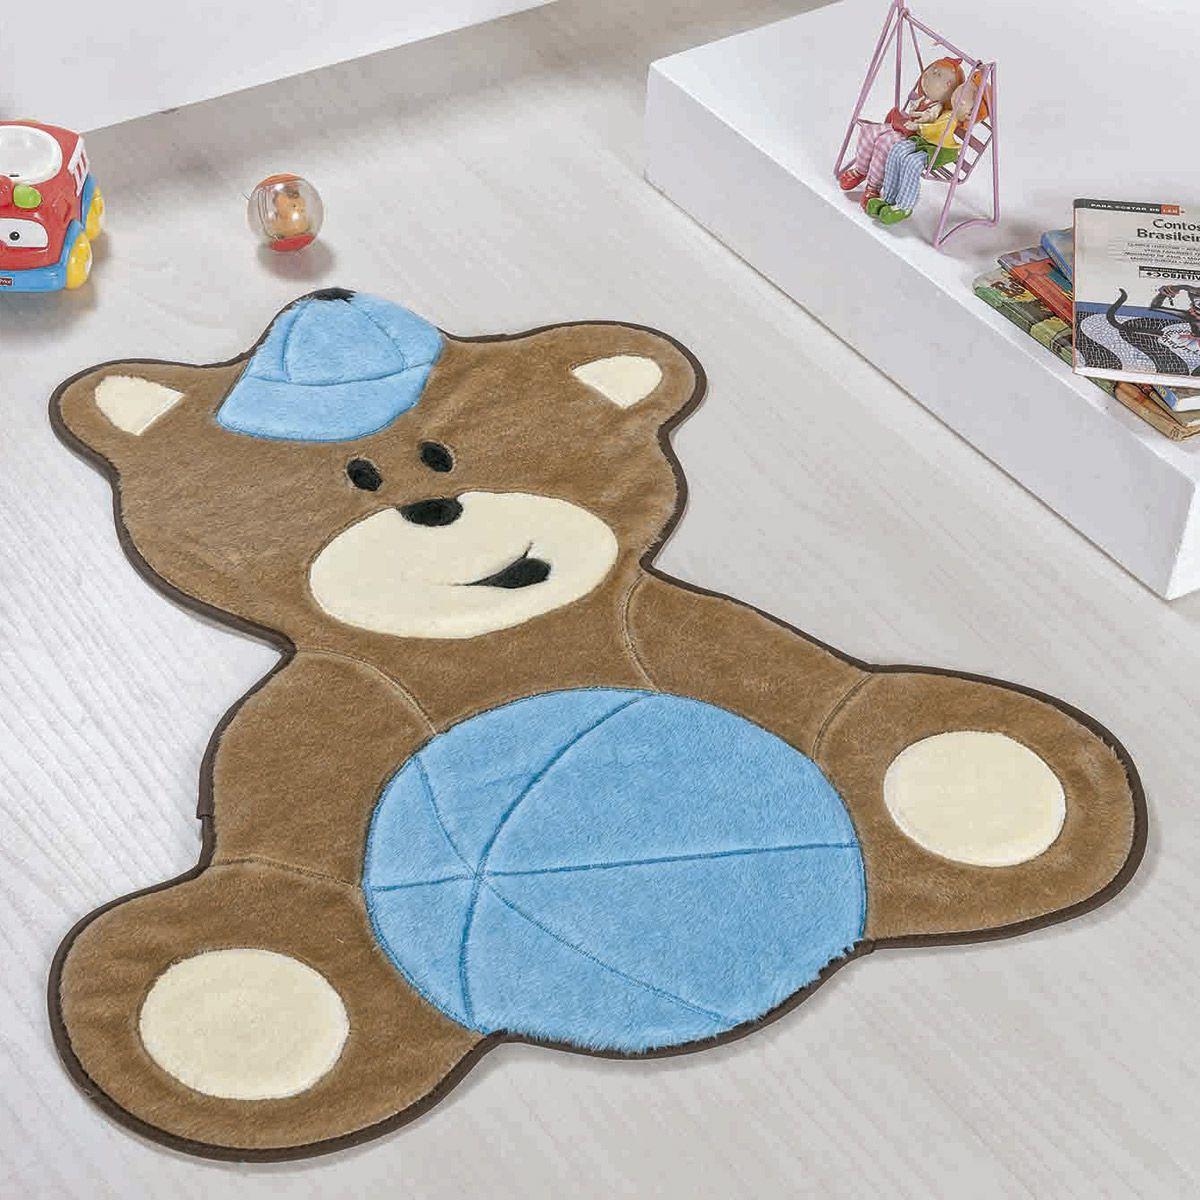 Tapete Infantil Premium Formato Urso Baby Azul Turquesa 75cm x 62cm